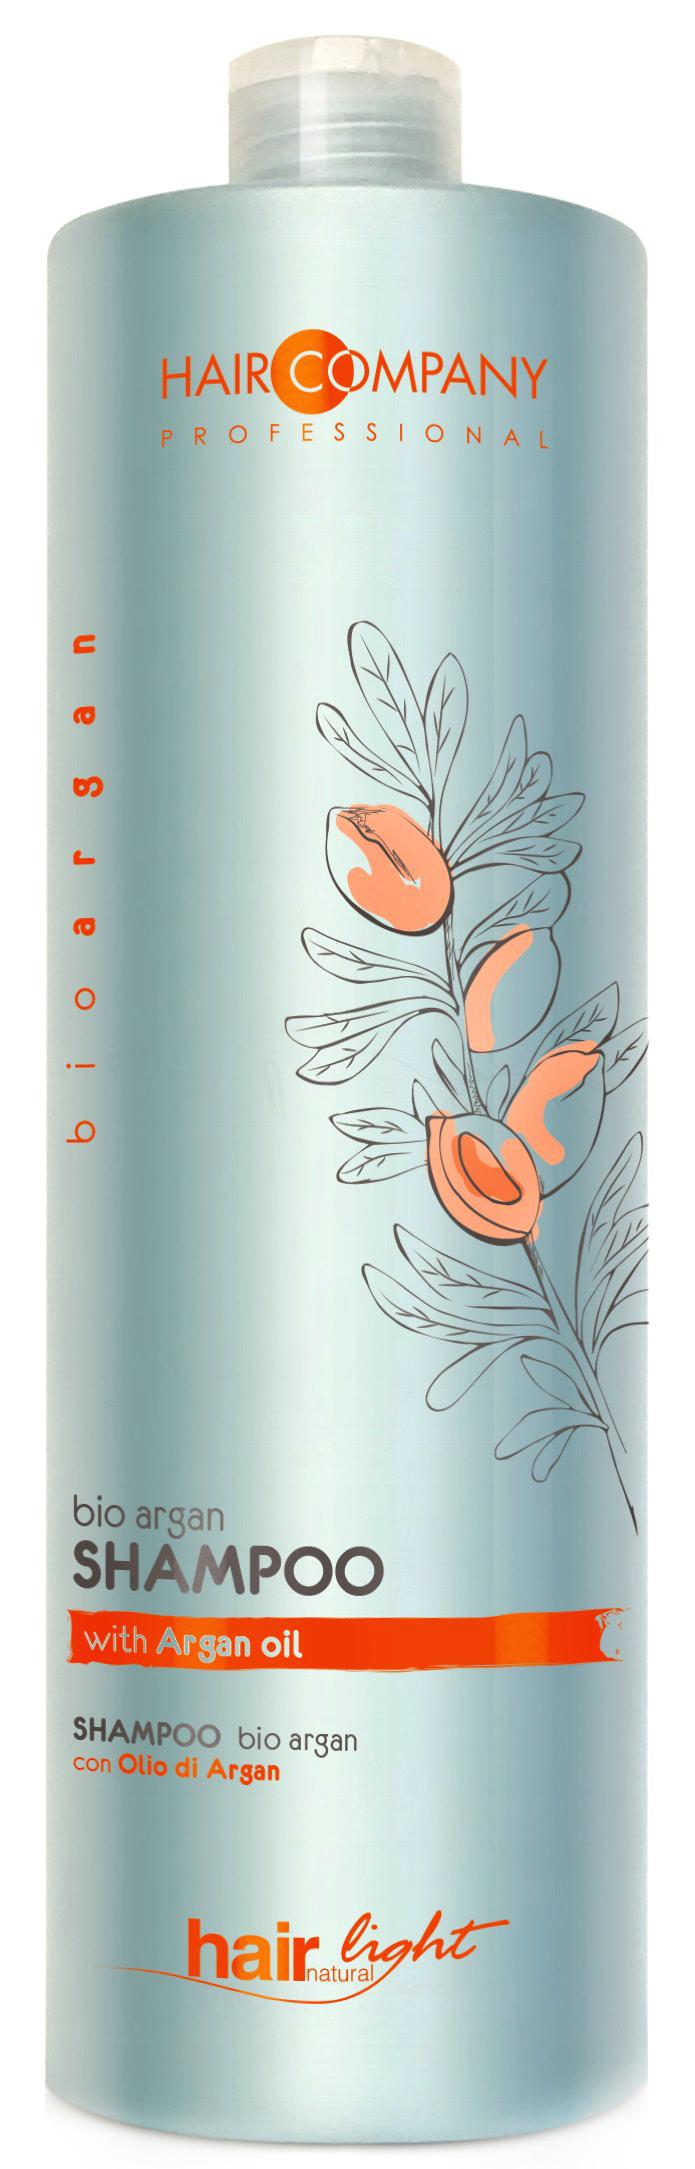 HAIR COMPANY Шампунь с био маслом арганы / HAIR LIGHT BIO ARGAN Shampoo 1000 мл.